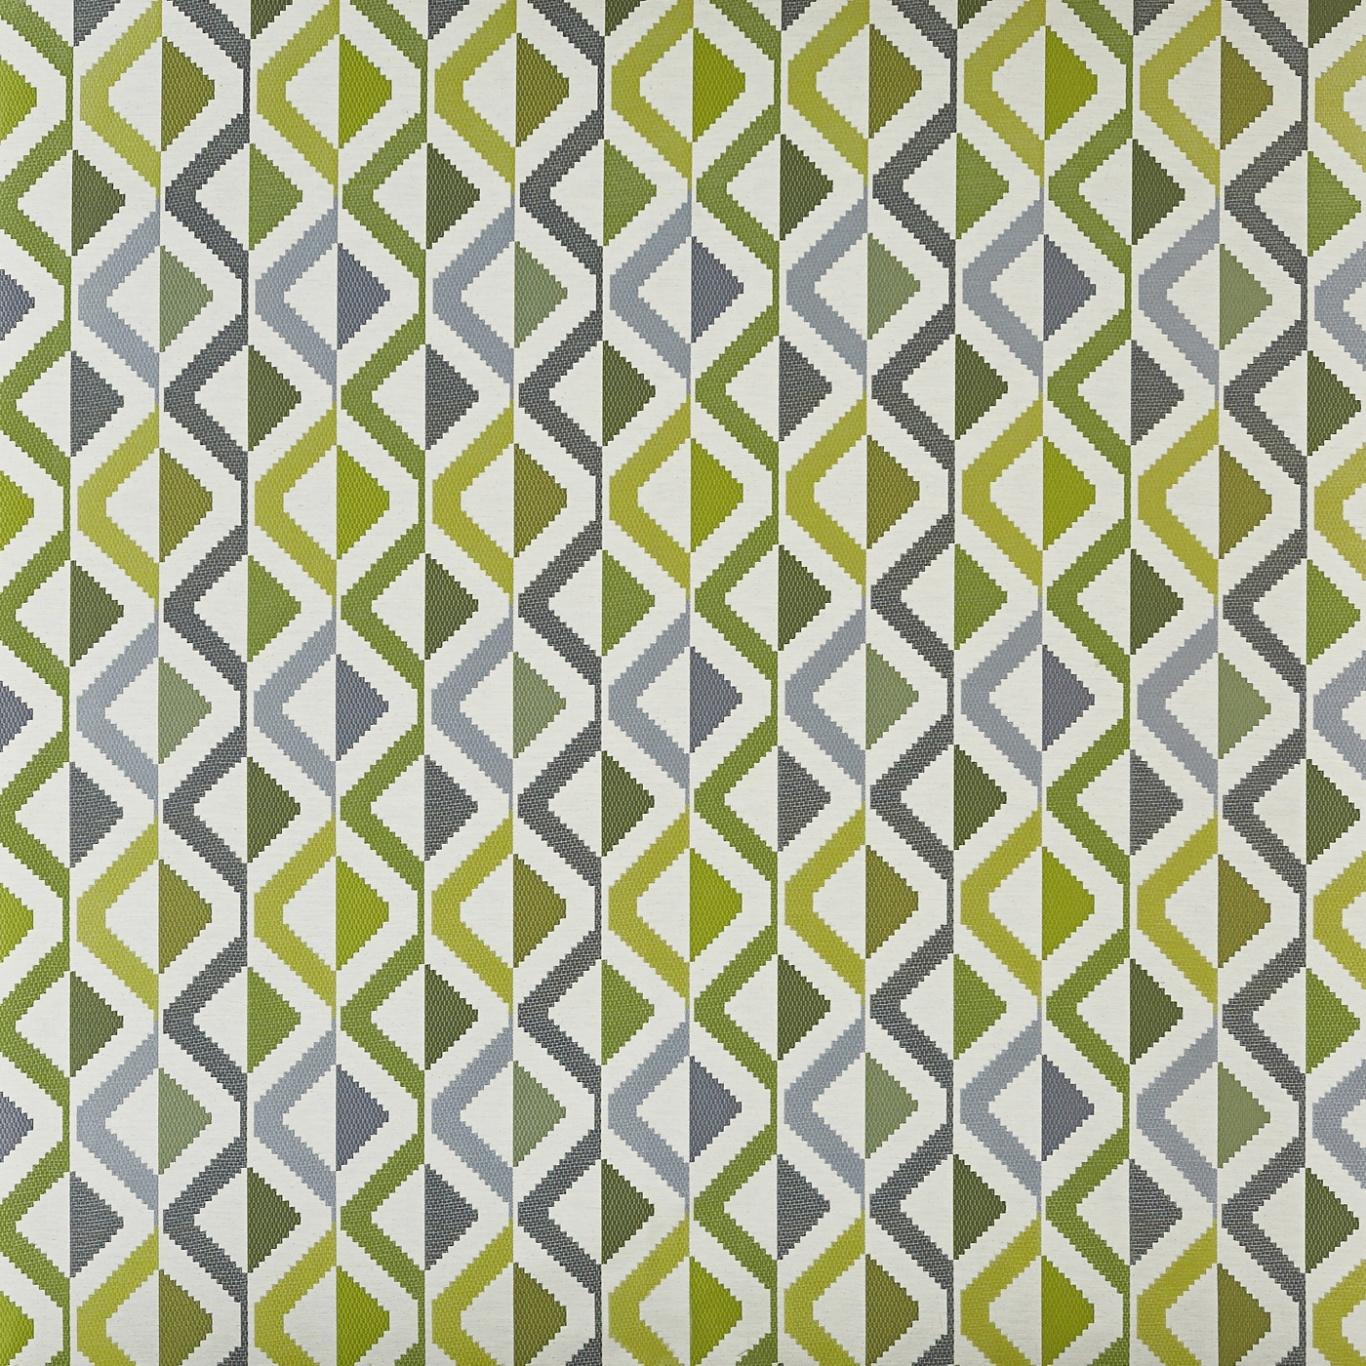 Image of Prestigious Shambala Zest Fabric 3697/575